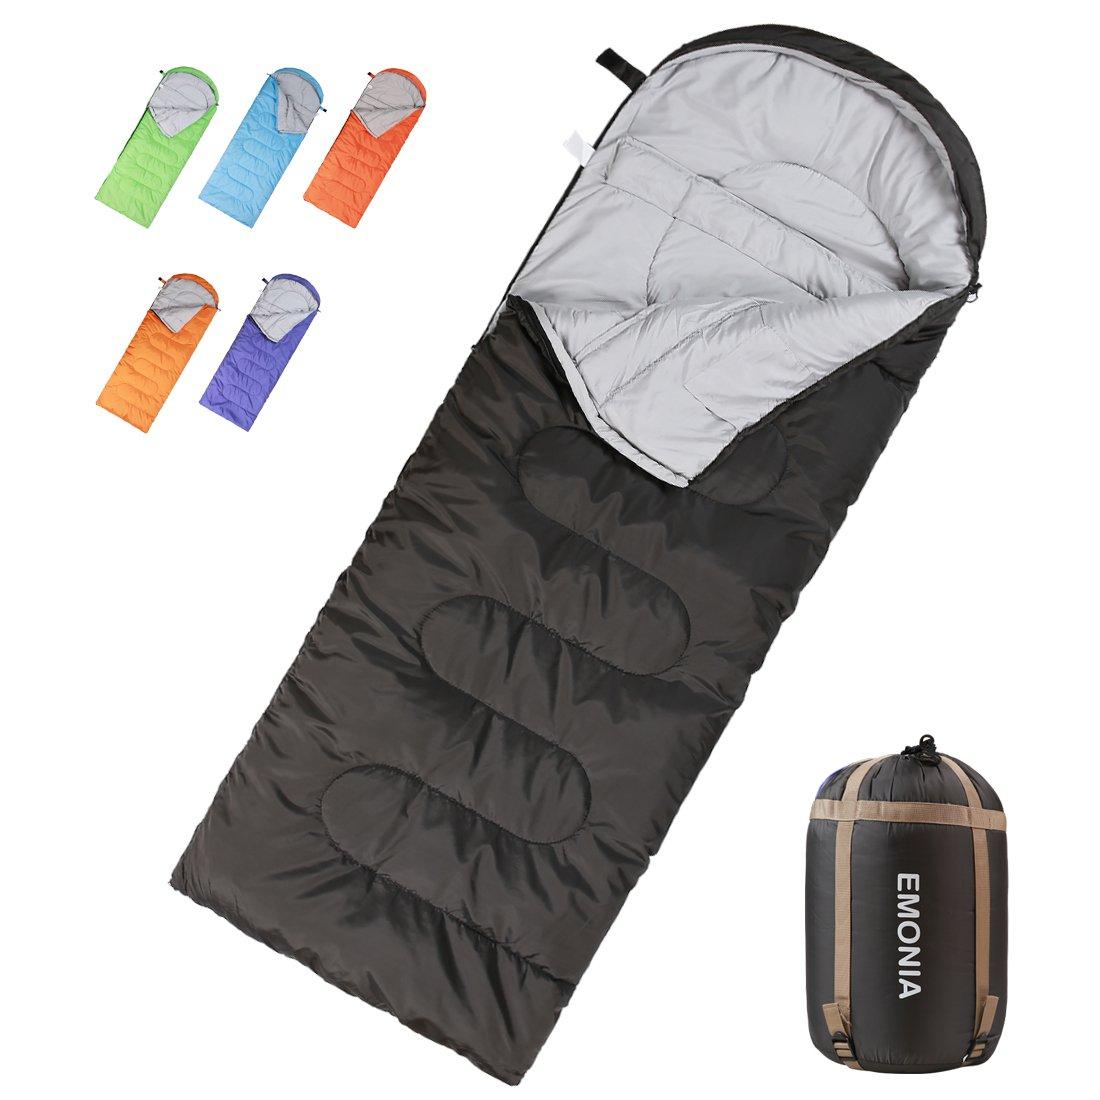 EMONIA Waterproof Backpacking Traveling Lightweight